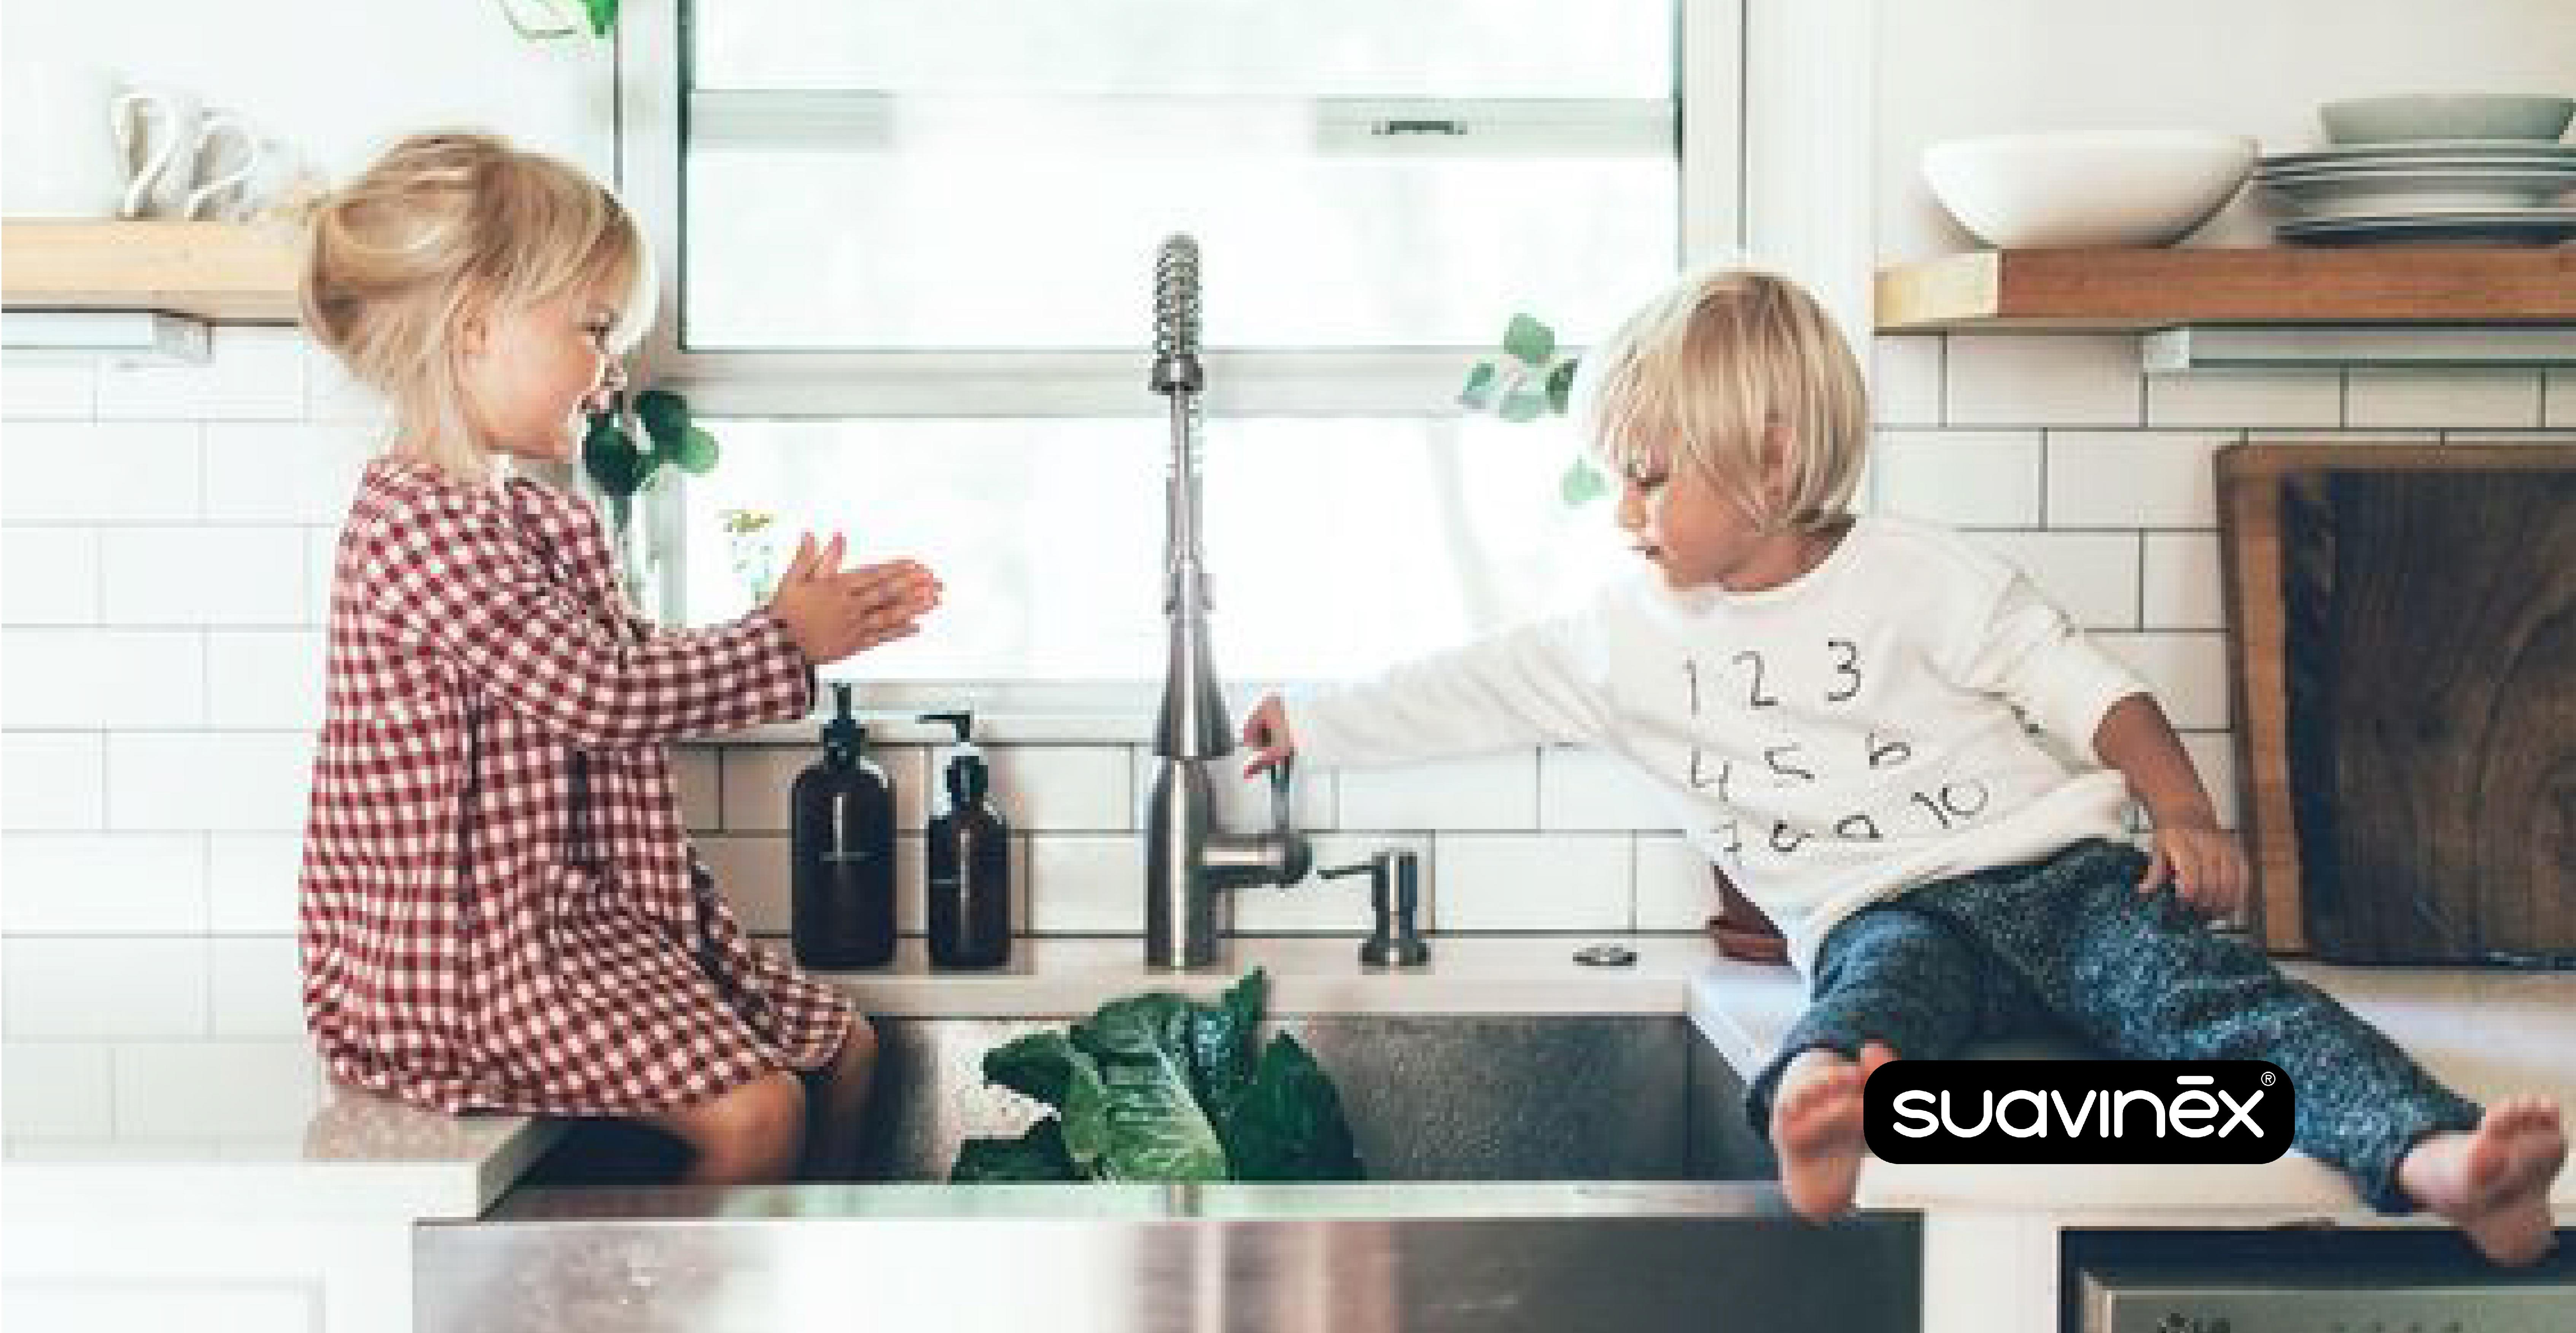 Lavage de main pour repousser maladies conseils blog Suavinex